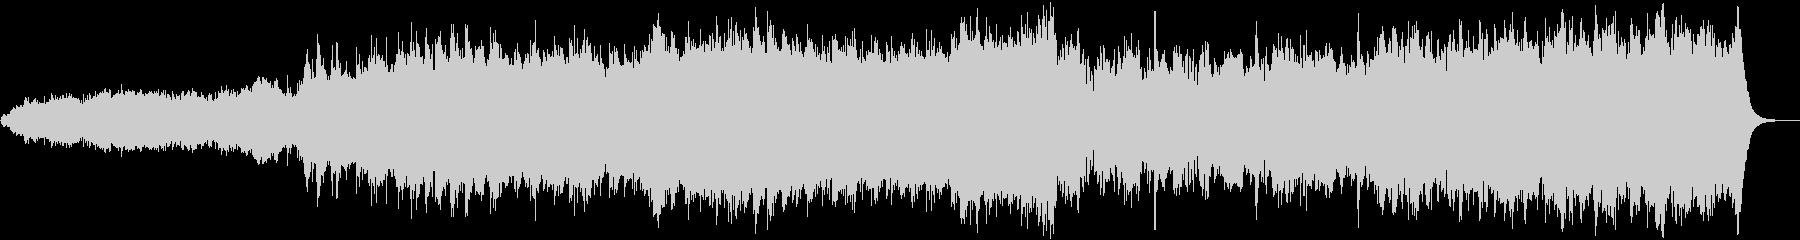 クラシックフュージョン系の未再生の波形